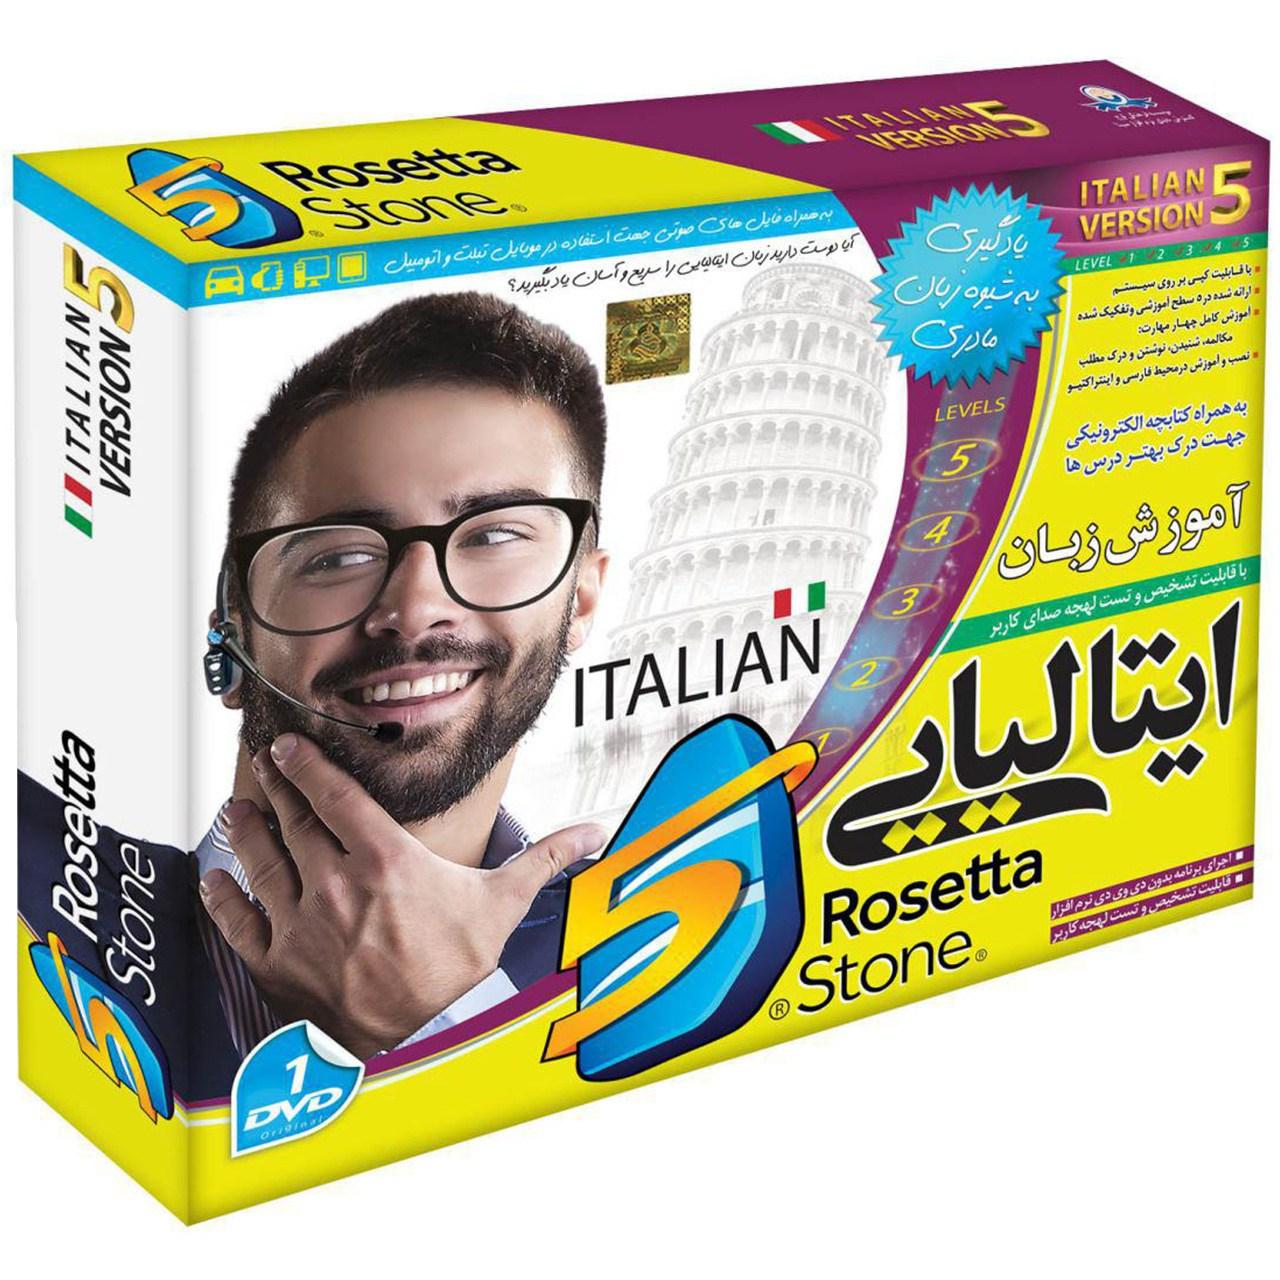 نرم افزار آموزش زبان ایتالیایی رزتا استون نشر دنیای نرم افزار سینا